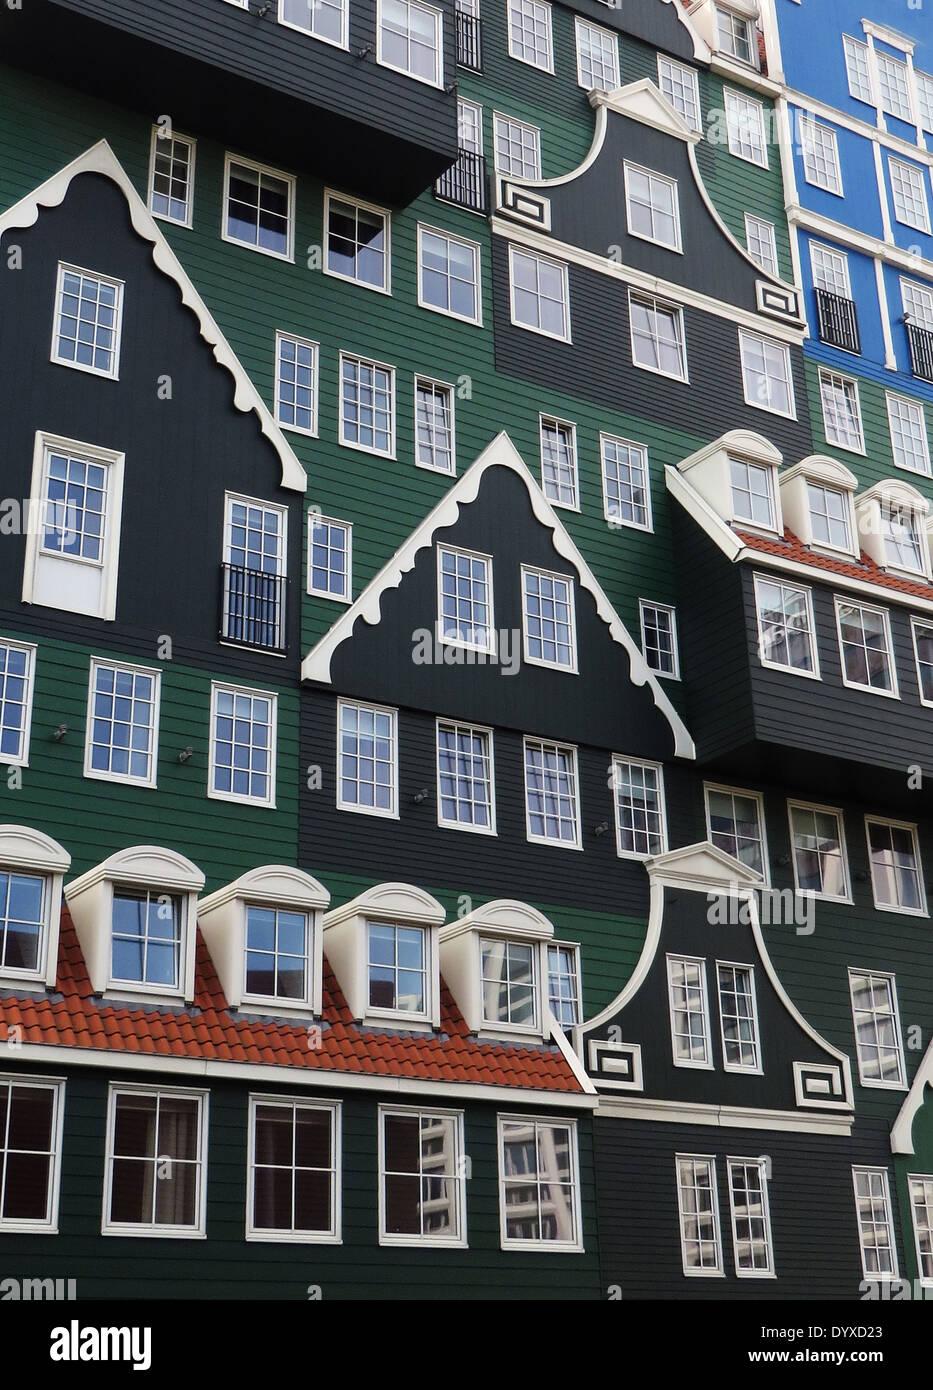 Zeitgenössische Architektur, der schamlos den traditionellen lokalen Baustil der Zaandam Holzhäuser in der Nähe von Beli zitiert Stockbild